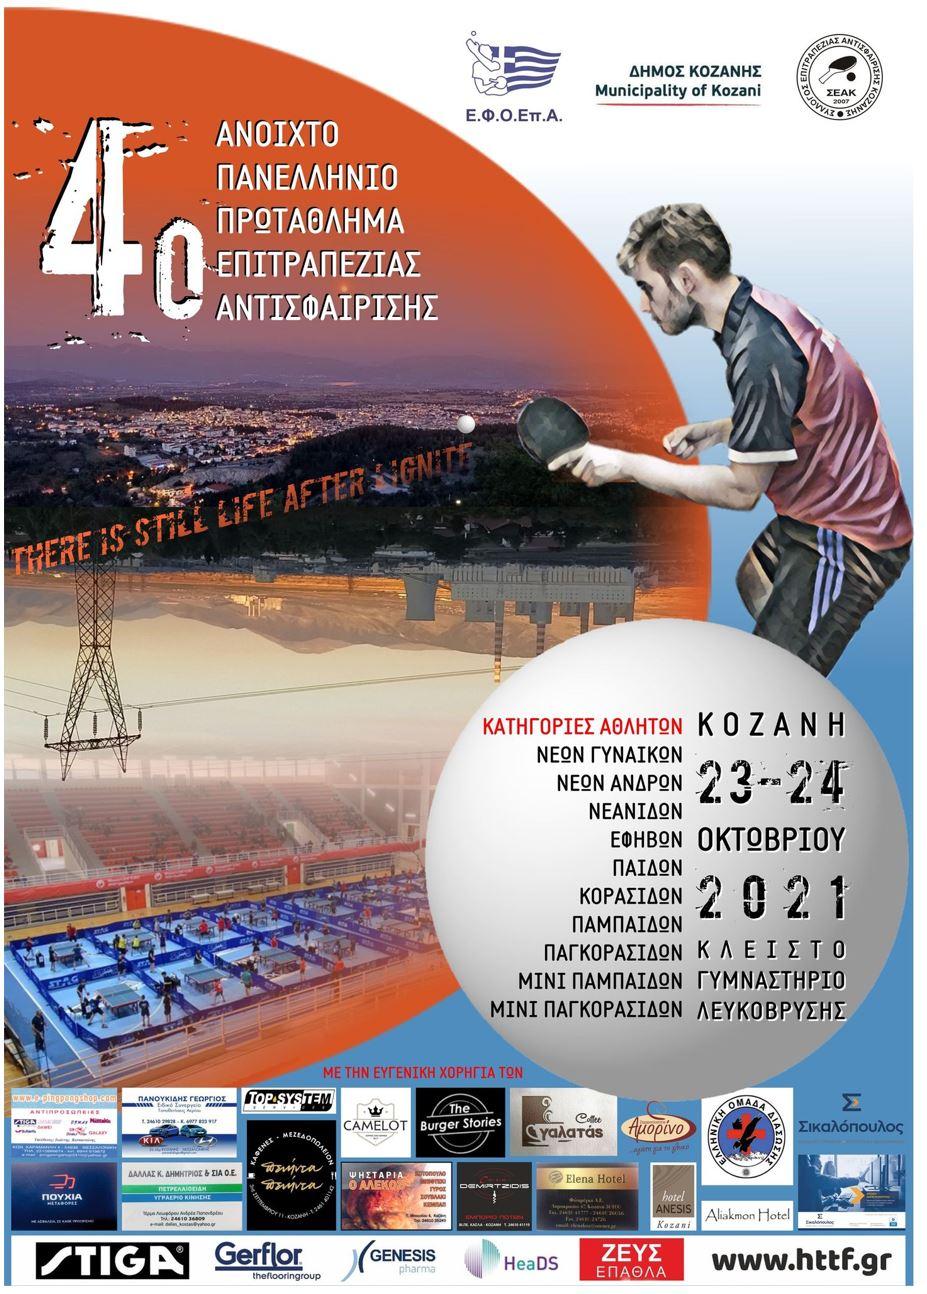 Στην Κοζάνη, στις 23-24 Οκτωβρίου, θα διεξαχθεί το πρώτο από τα έξι (6) Πανελλήνια Ανοιχτά Αναπτυξιακά Πρωταθλήματα Επιτραπέζιας Αντισφαίρισης